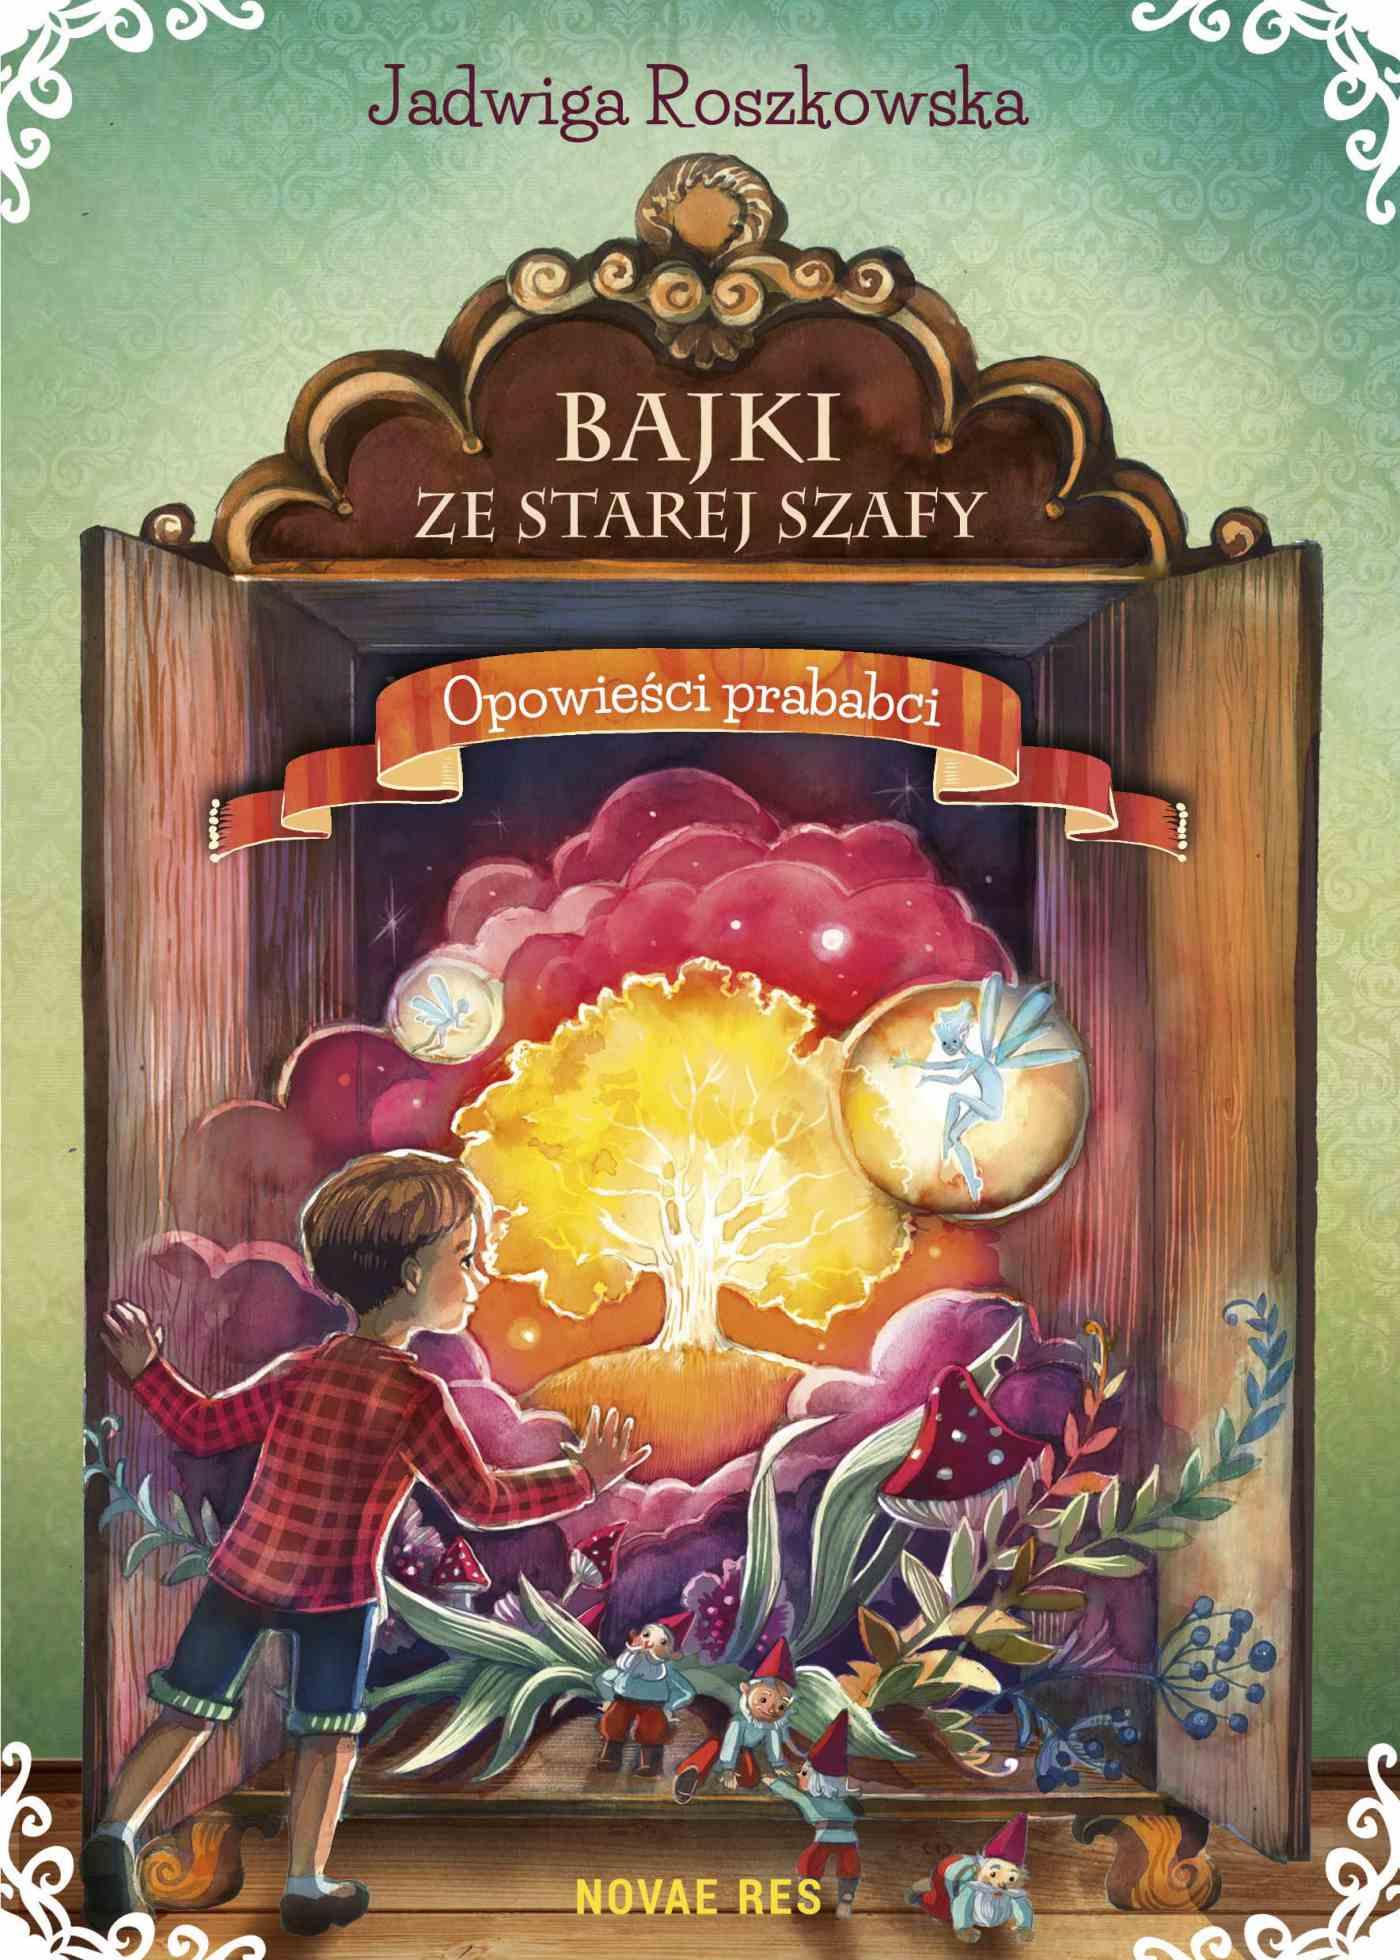 Bajki ze starej szafy. Opowieści prababci - Ebook (Książka EPUB) do pobrania w formacie EPUB